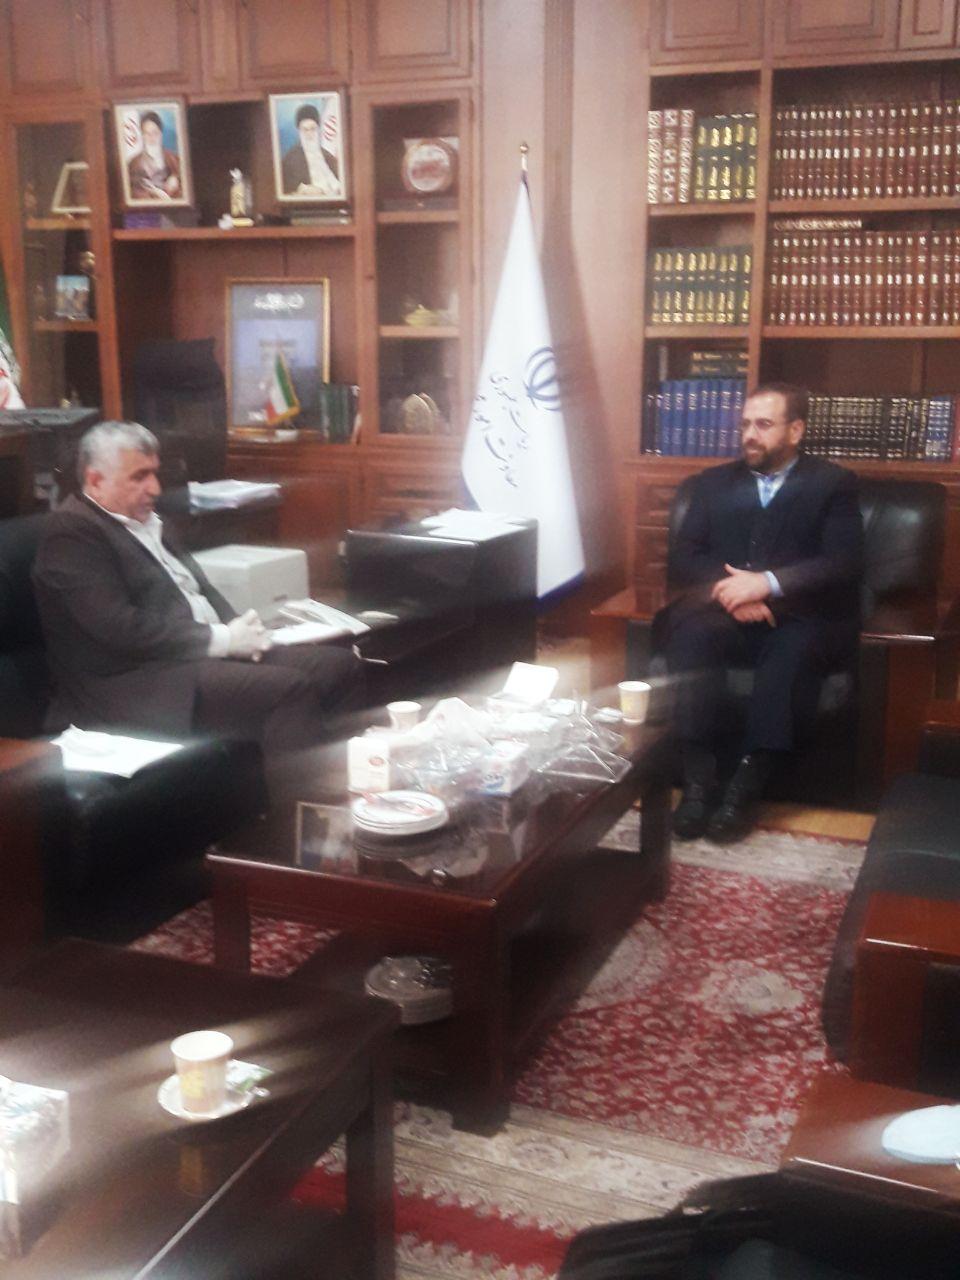 دیدار دکتر علیرضا ورناصری با دکتر امیری معاون پارلمانی ریاست جمهوری